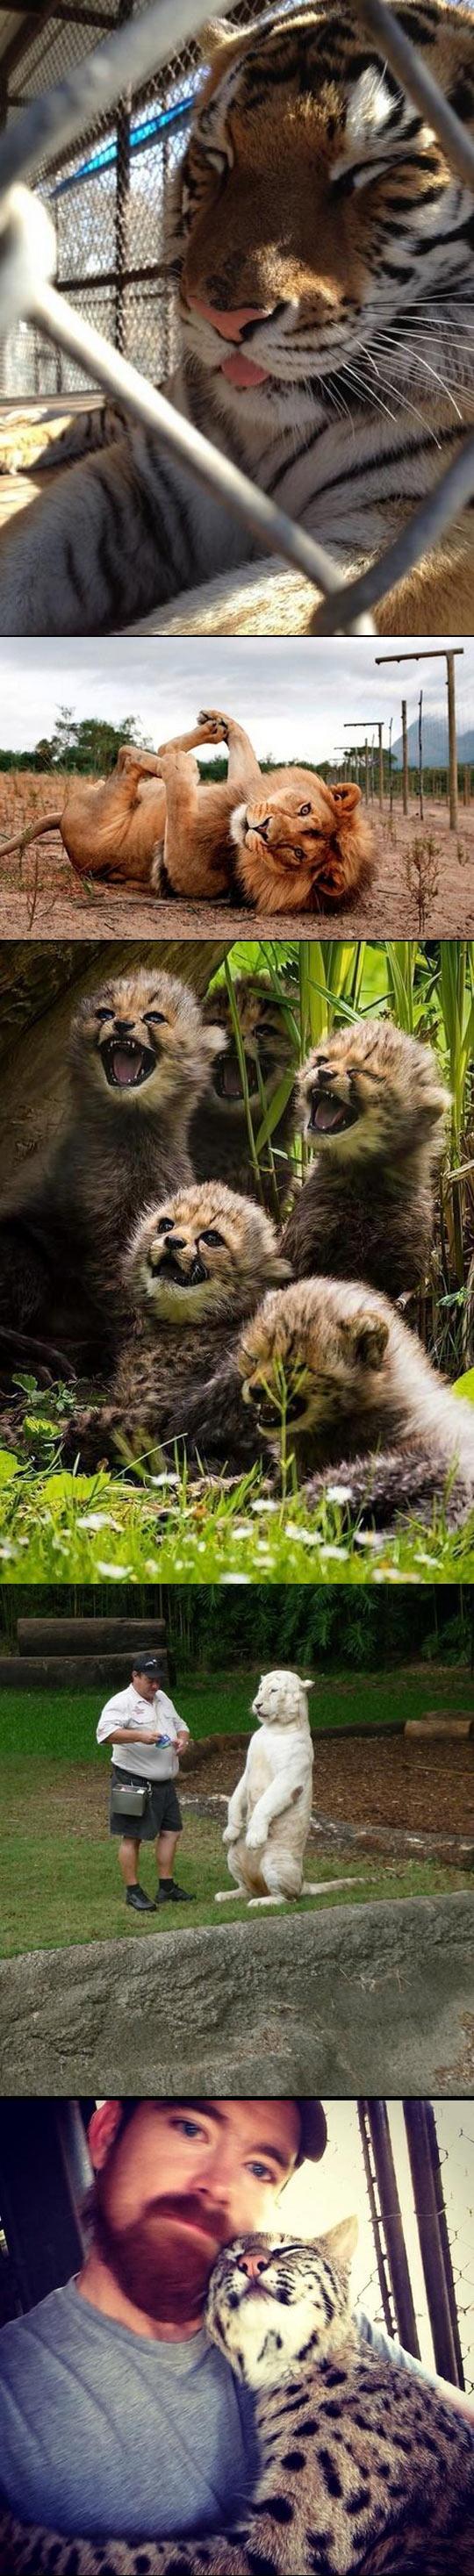 cute-tiger-big-cats-cheetah